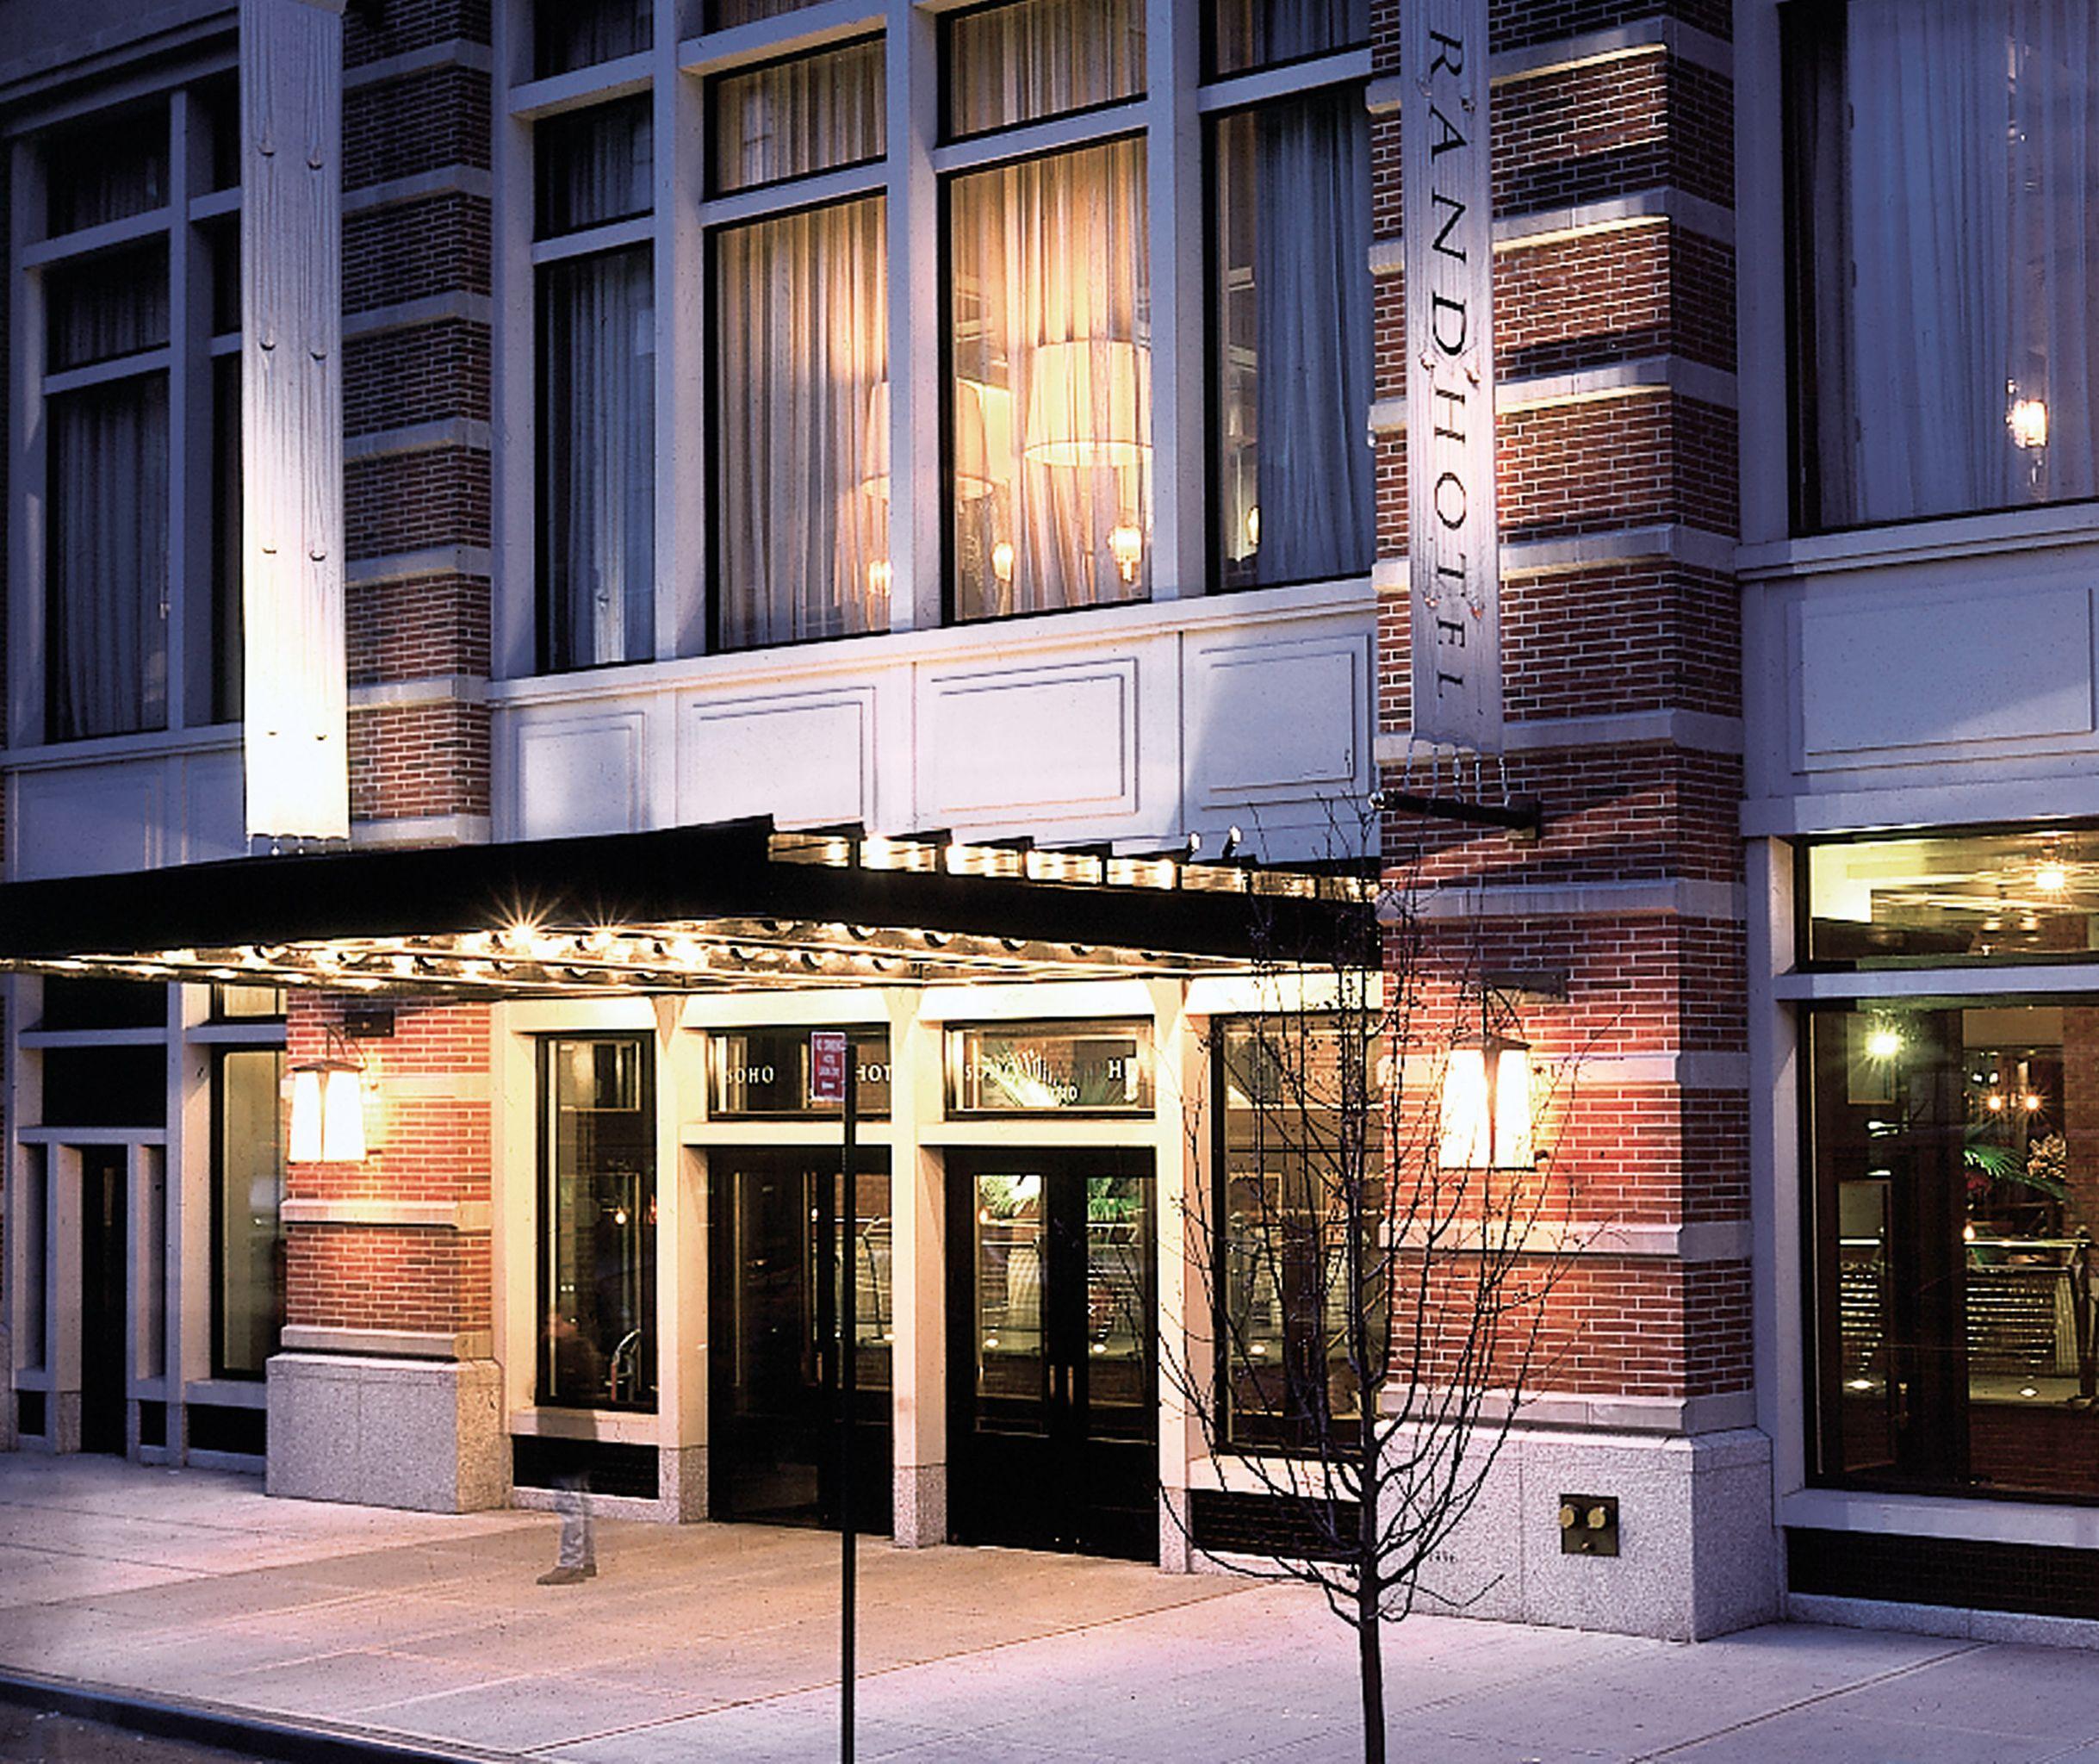 Soho Grand Hotel (New York City, NY Soho grand hotel